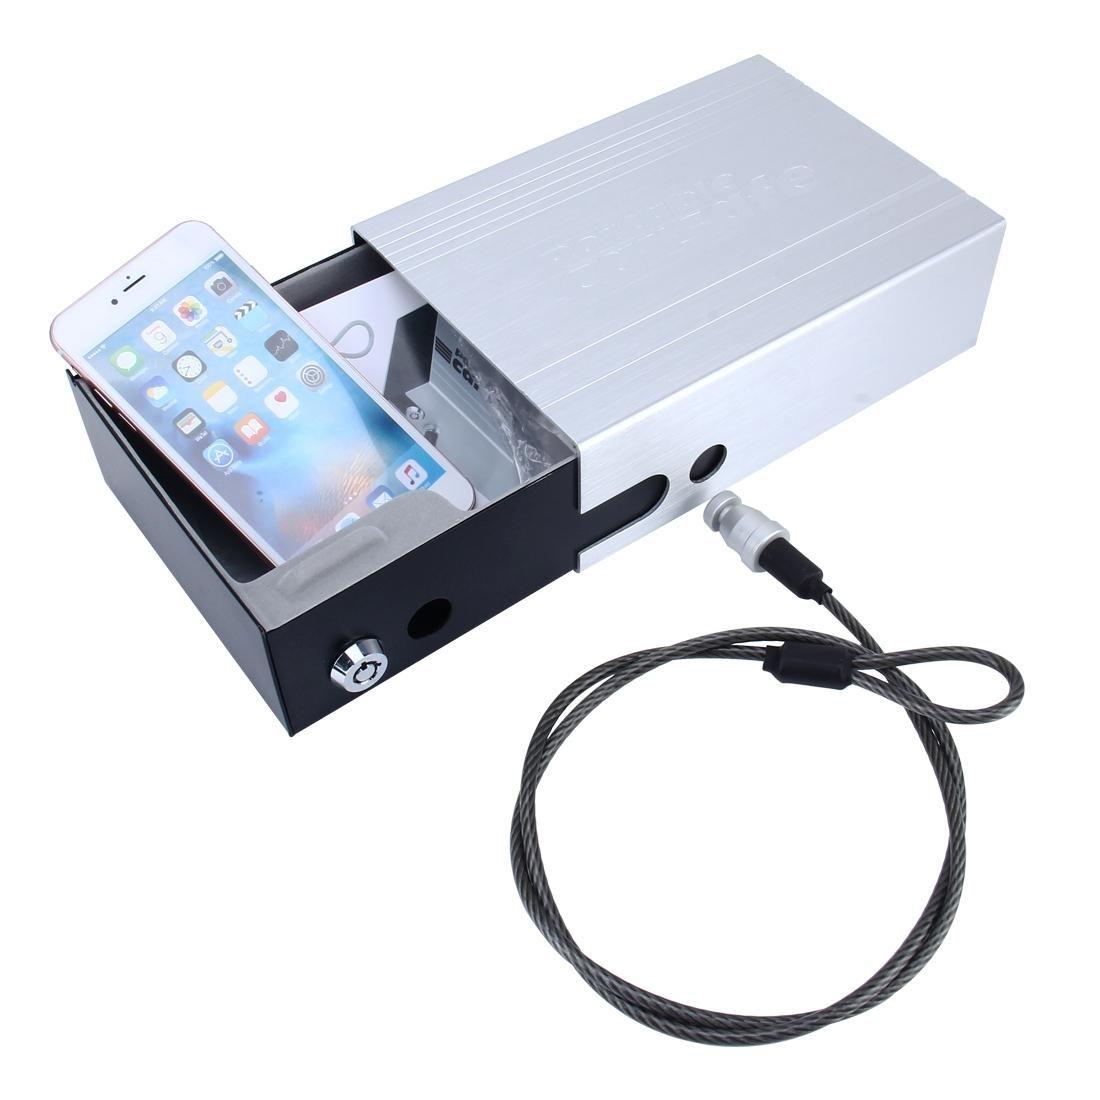 Homewares портативный автомобильный сейф для хранения для денег паспорта монеты ювелирные изделия мобильные телефоны ключевые солнцезащитные очки